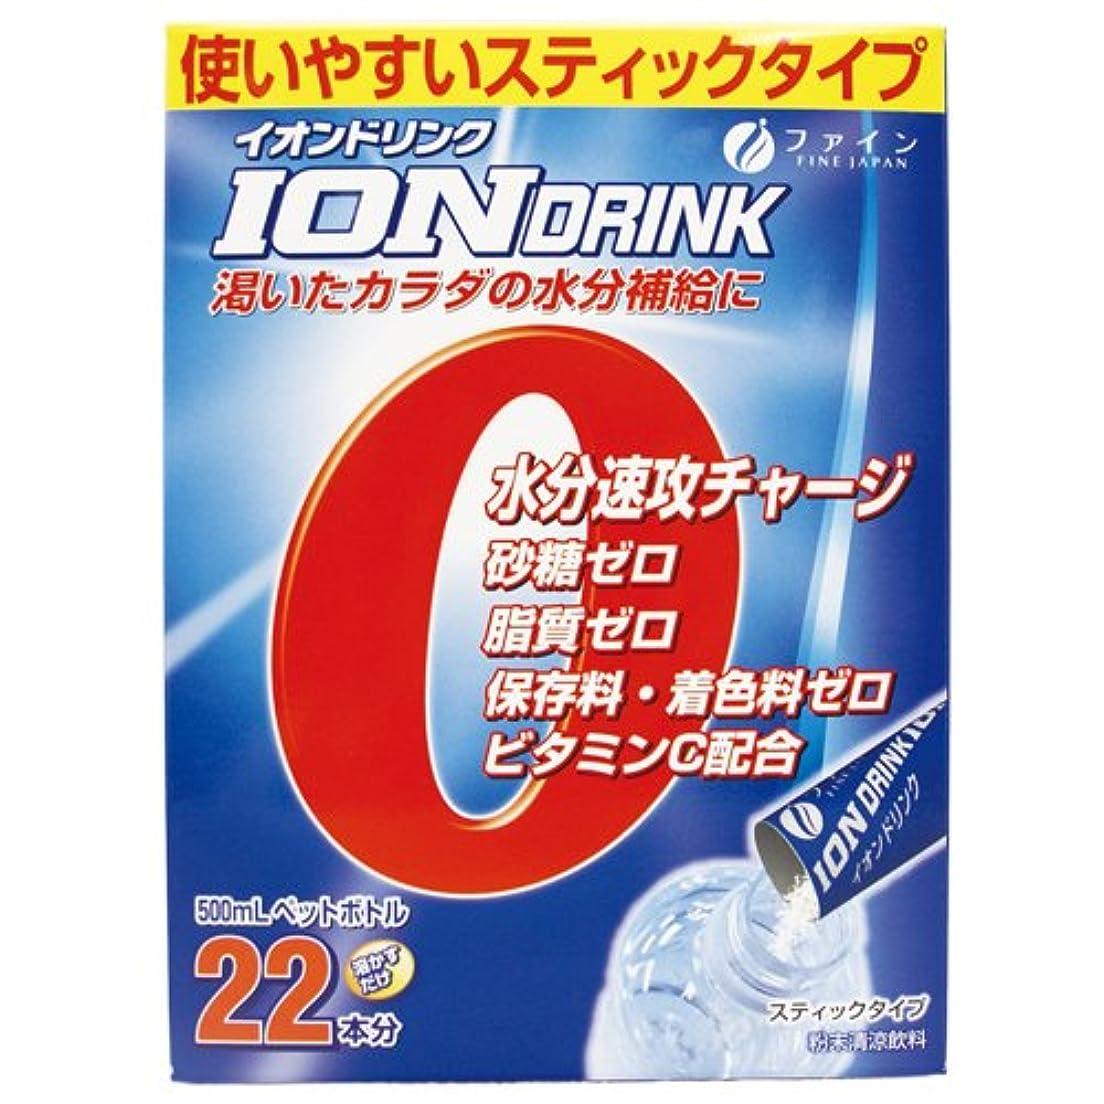 強度調停者型スポーツ飲料 イオンドリンク 【10箱組】